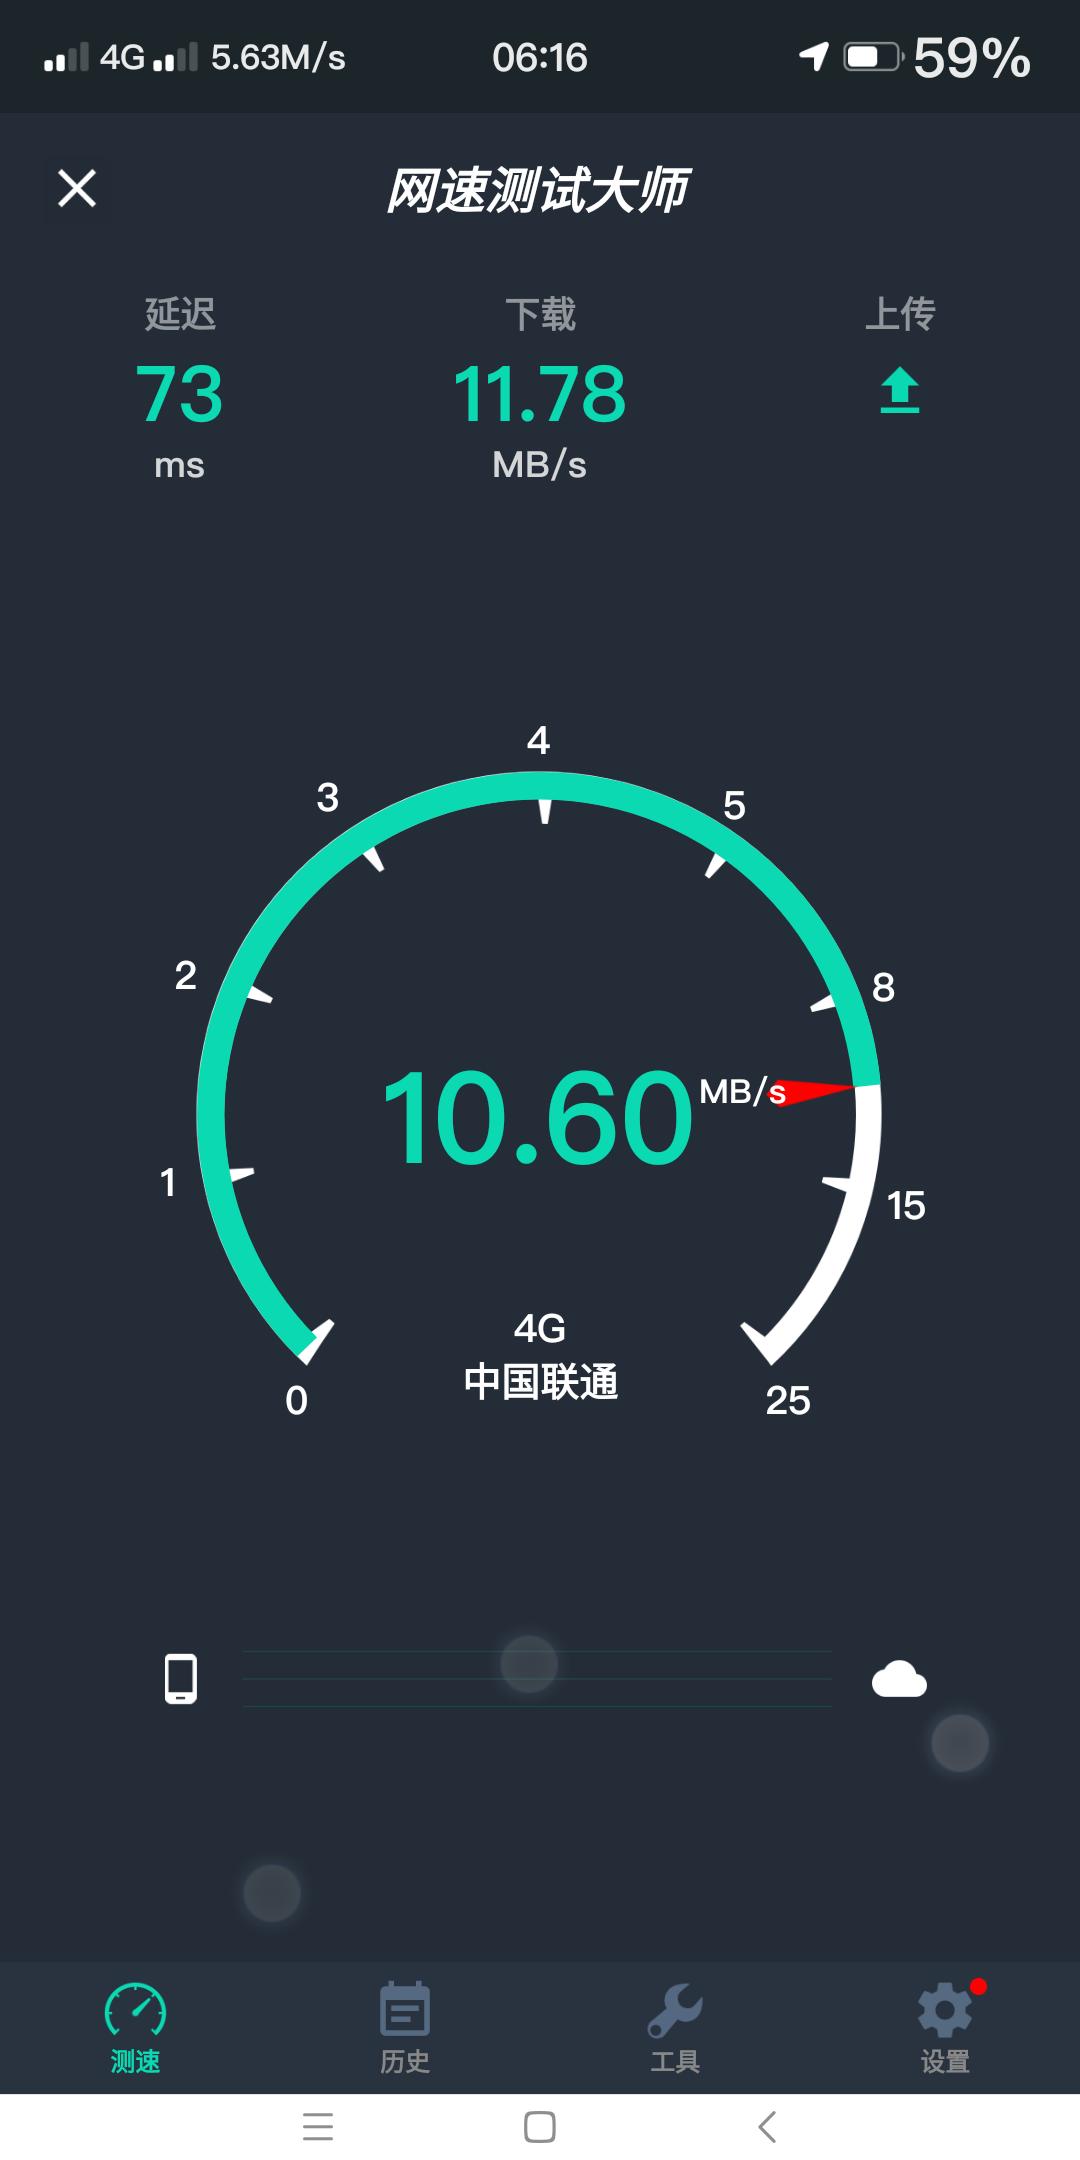 「分享」斗鱼免流直连本地版 可免90%地区 轻松过40G